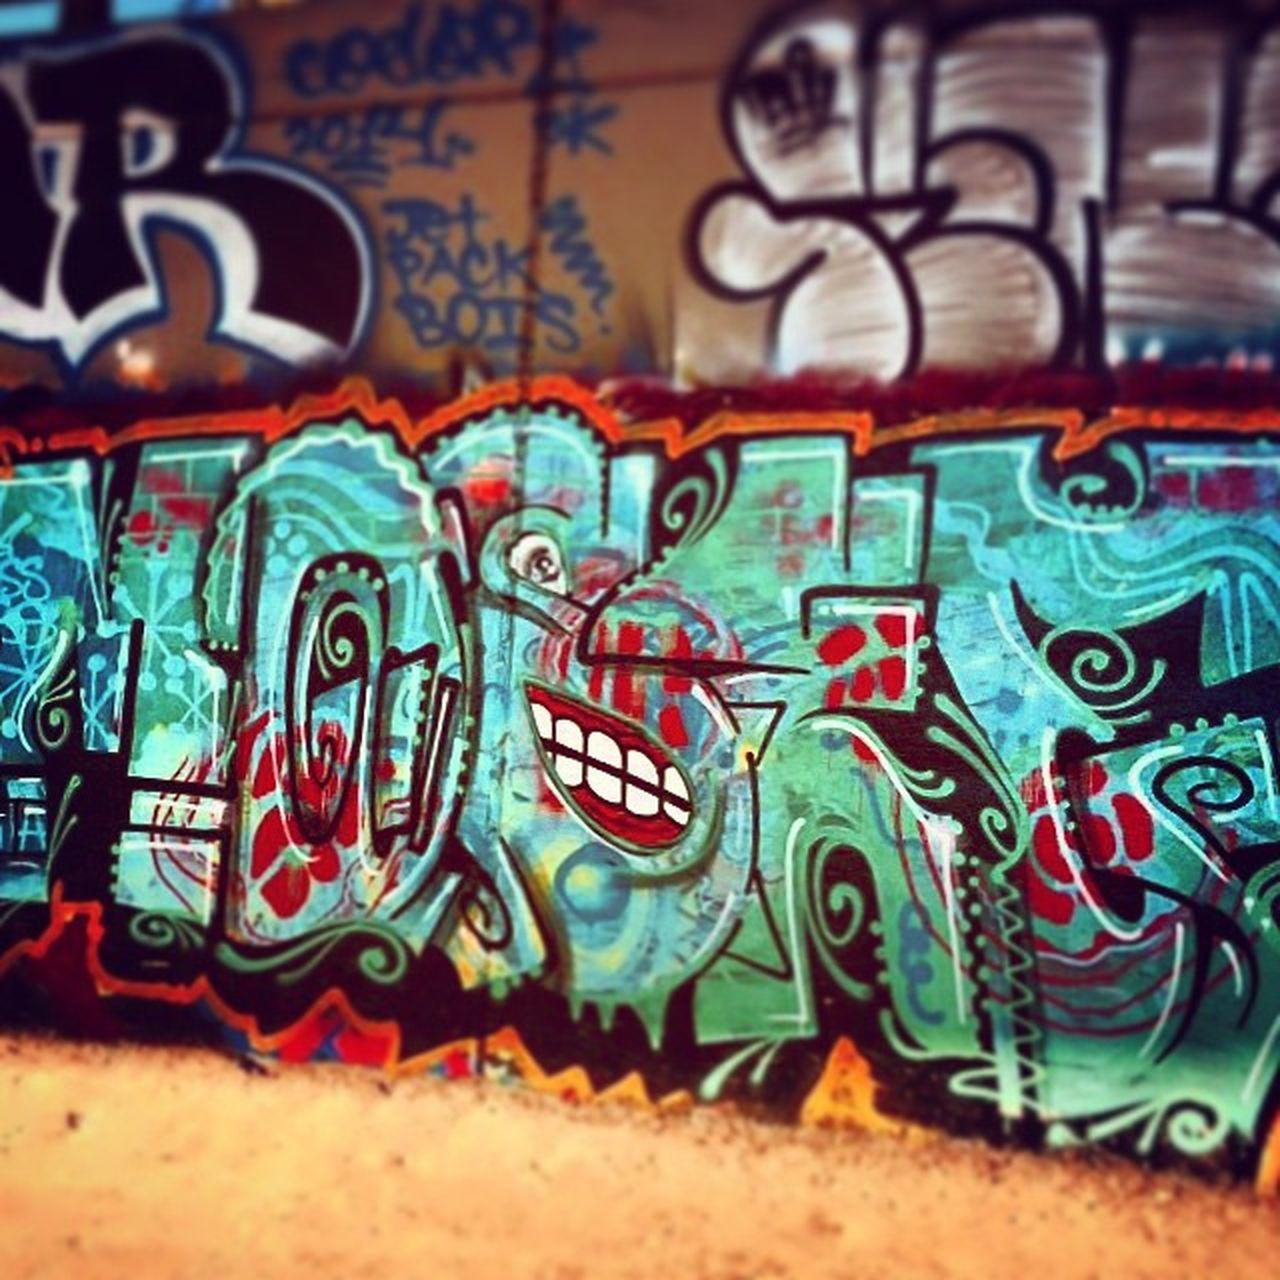 Seattle graffiti under the Eastlake Bridge. Hatehatehate